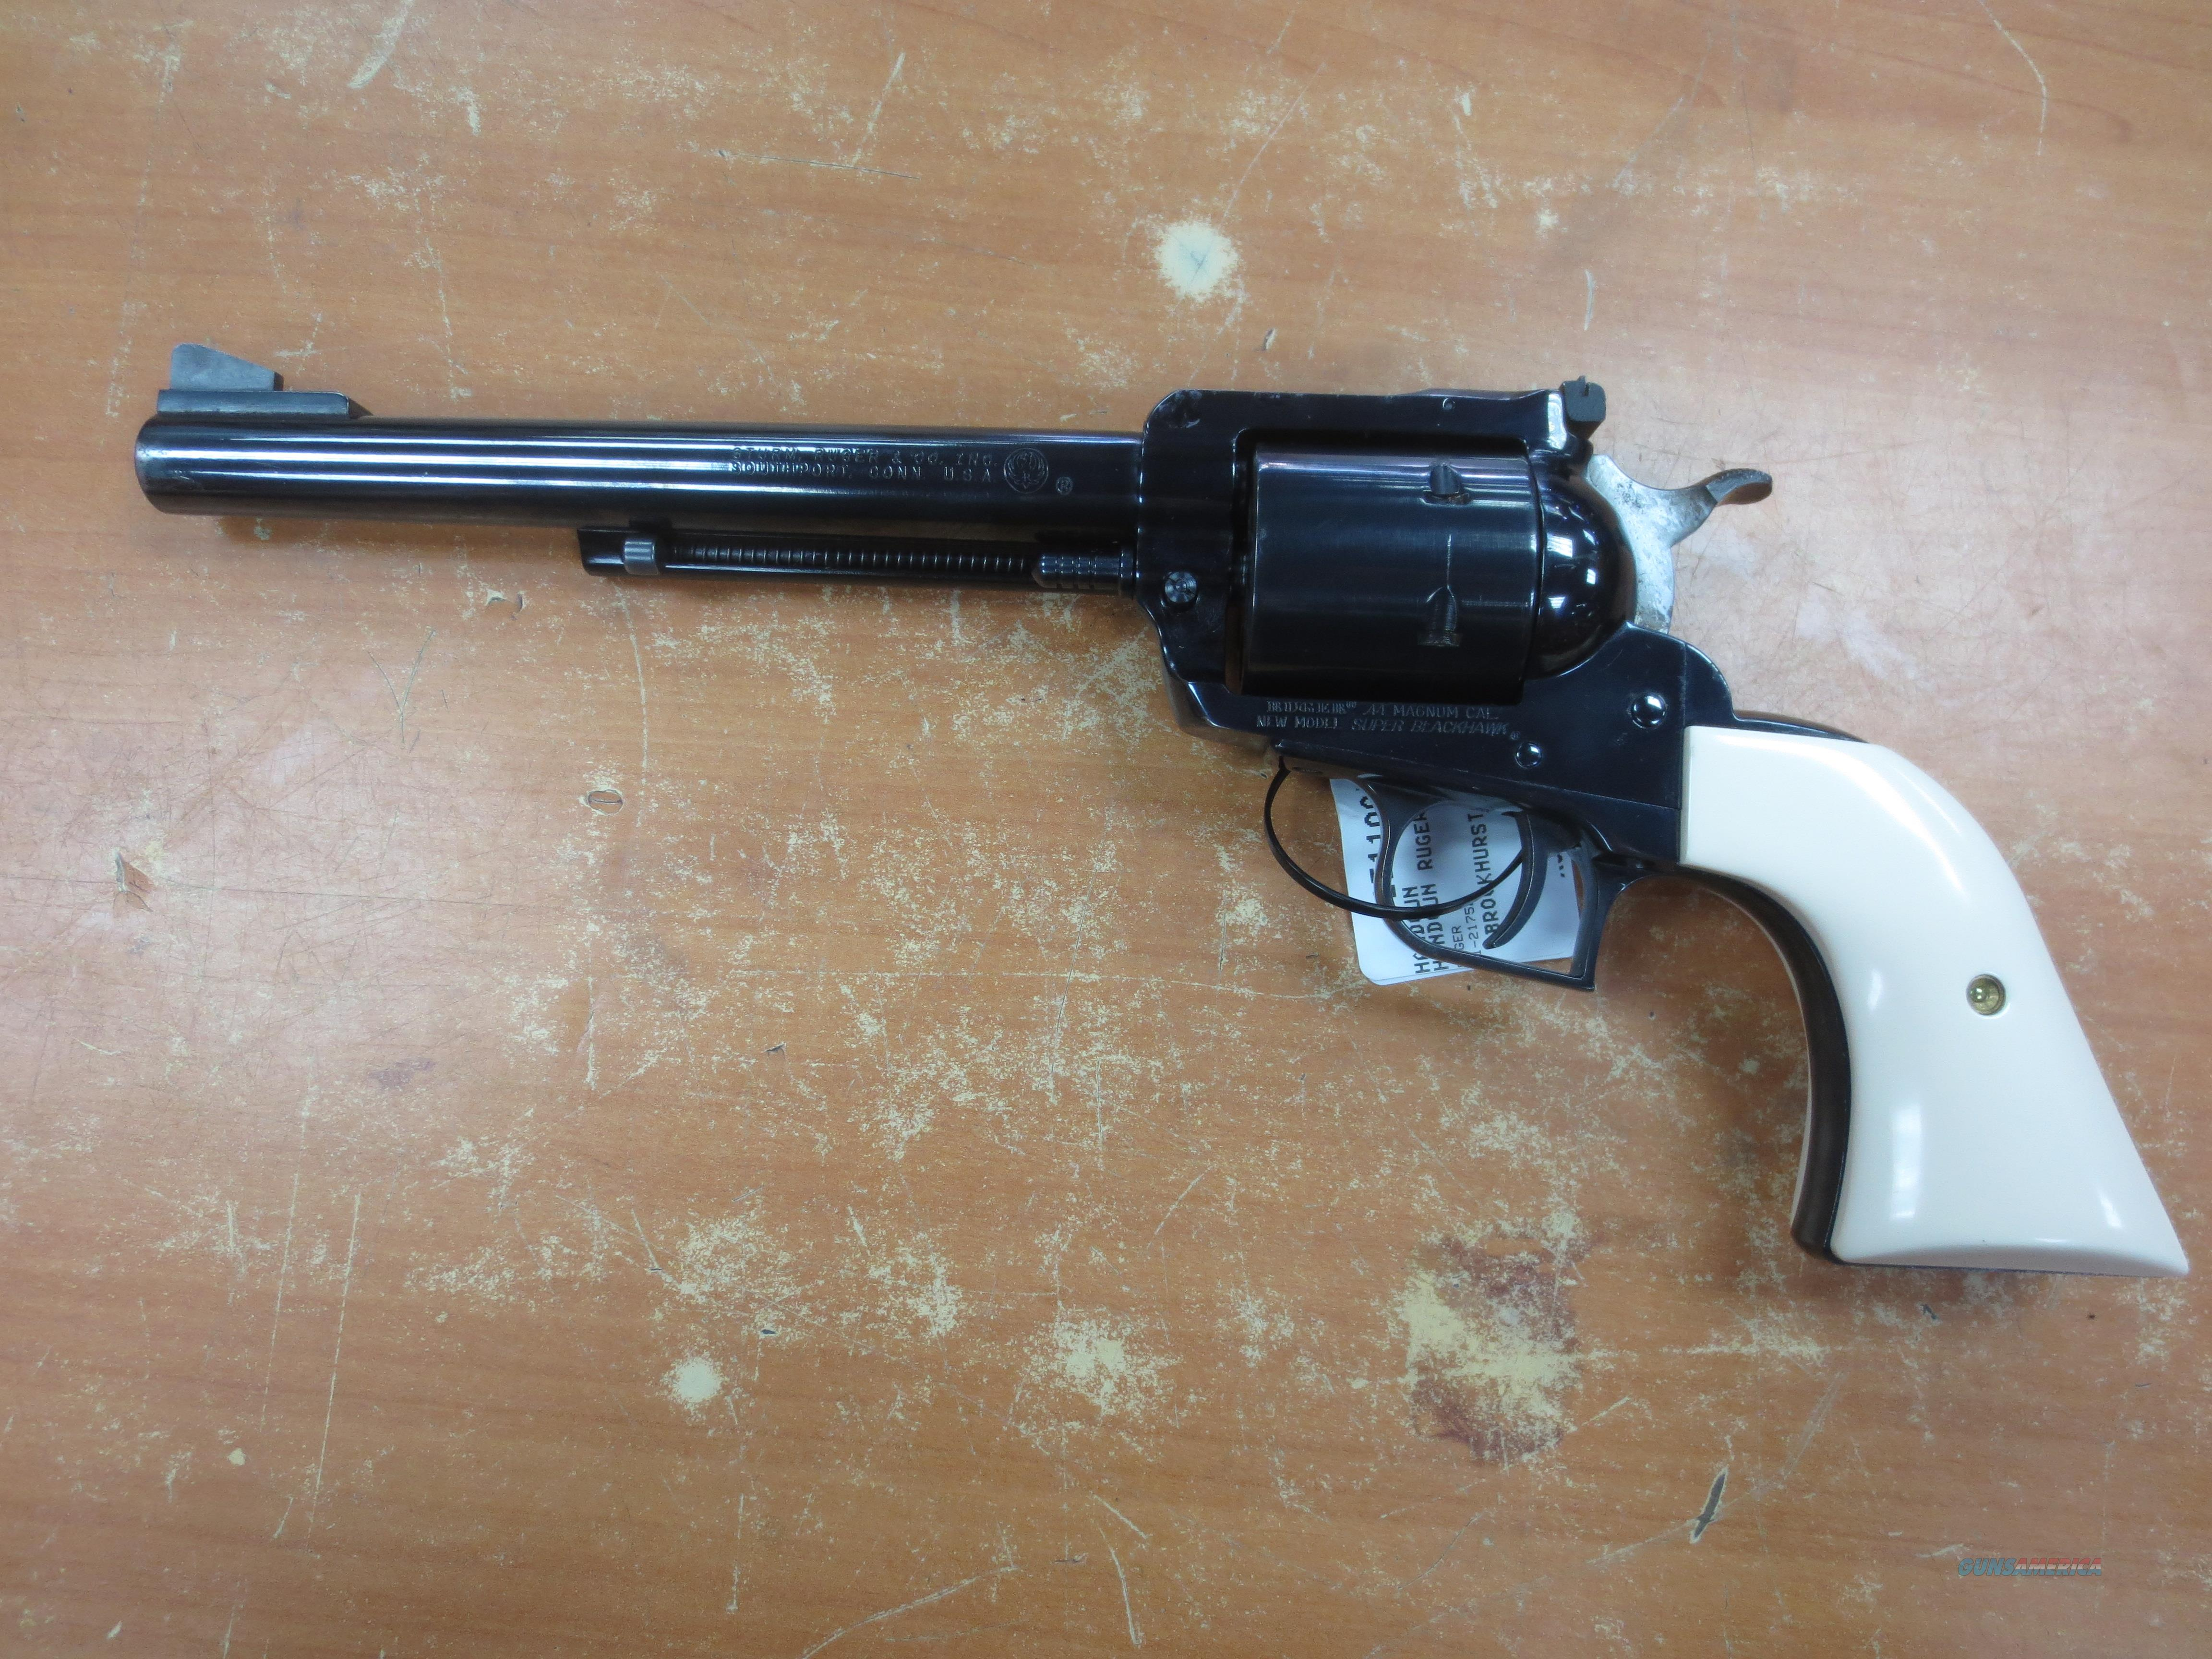 Ruger New Model Super Blackhawk .44 Mag  Guns > Pistols > Ruger Single Action Revolvers > Blackhawk Type